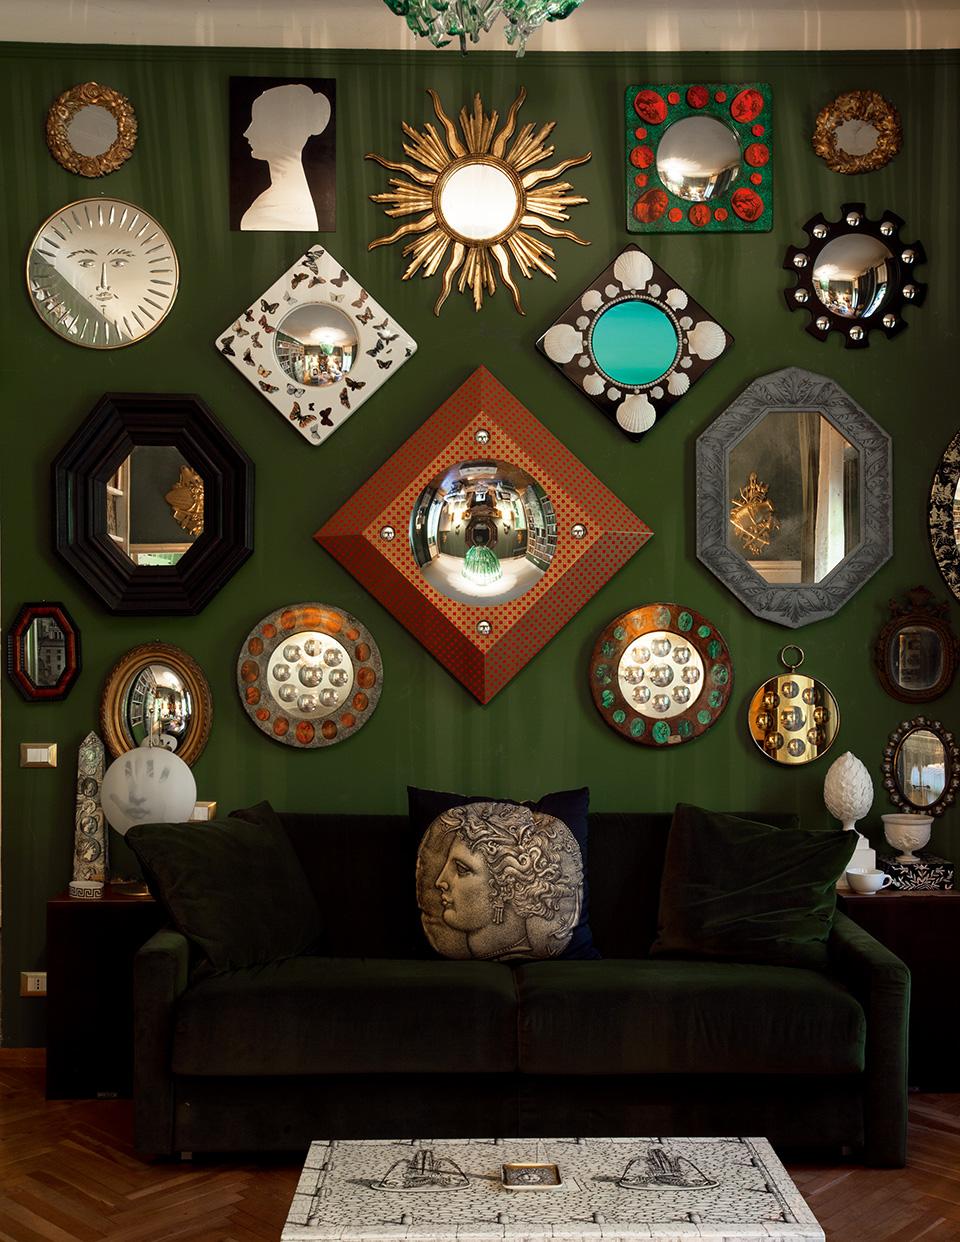 镜子系列的收藏。部分藏品是由Piero和Barnaba先生创作的,余下部分是长年累月积攒下来的收藏品。